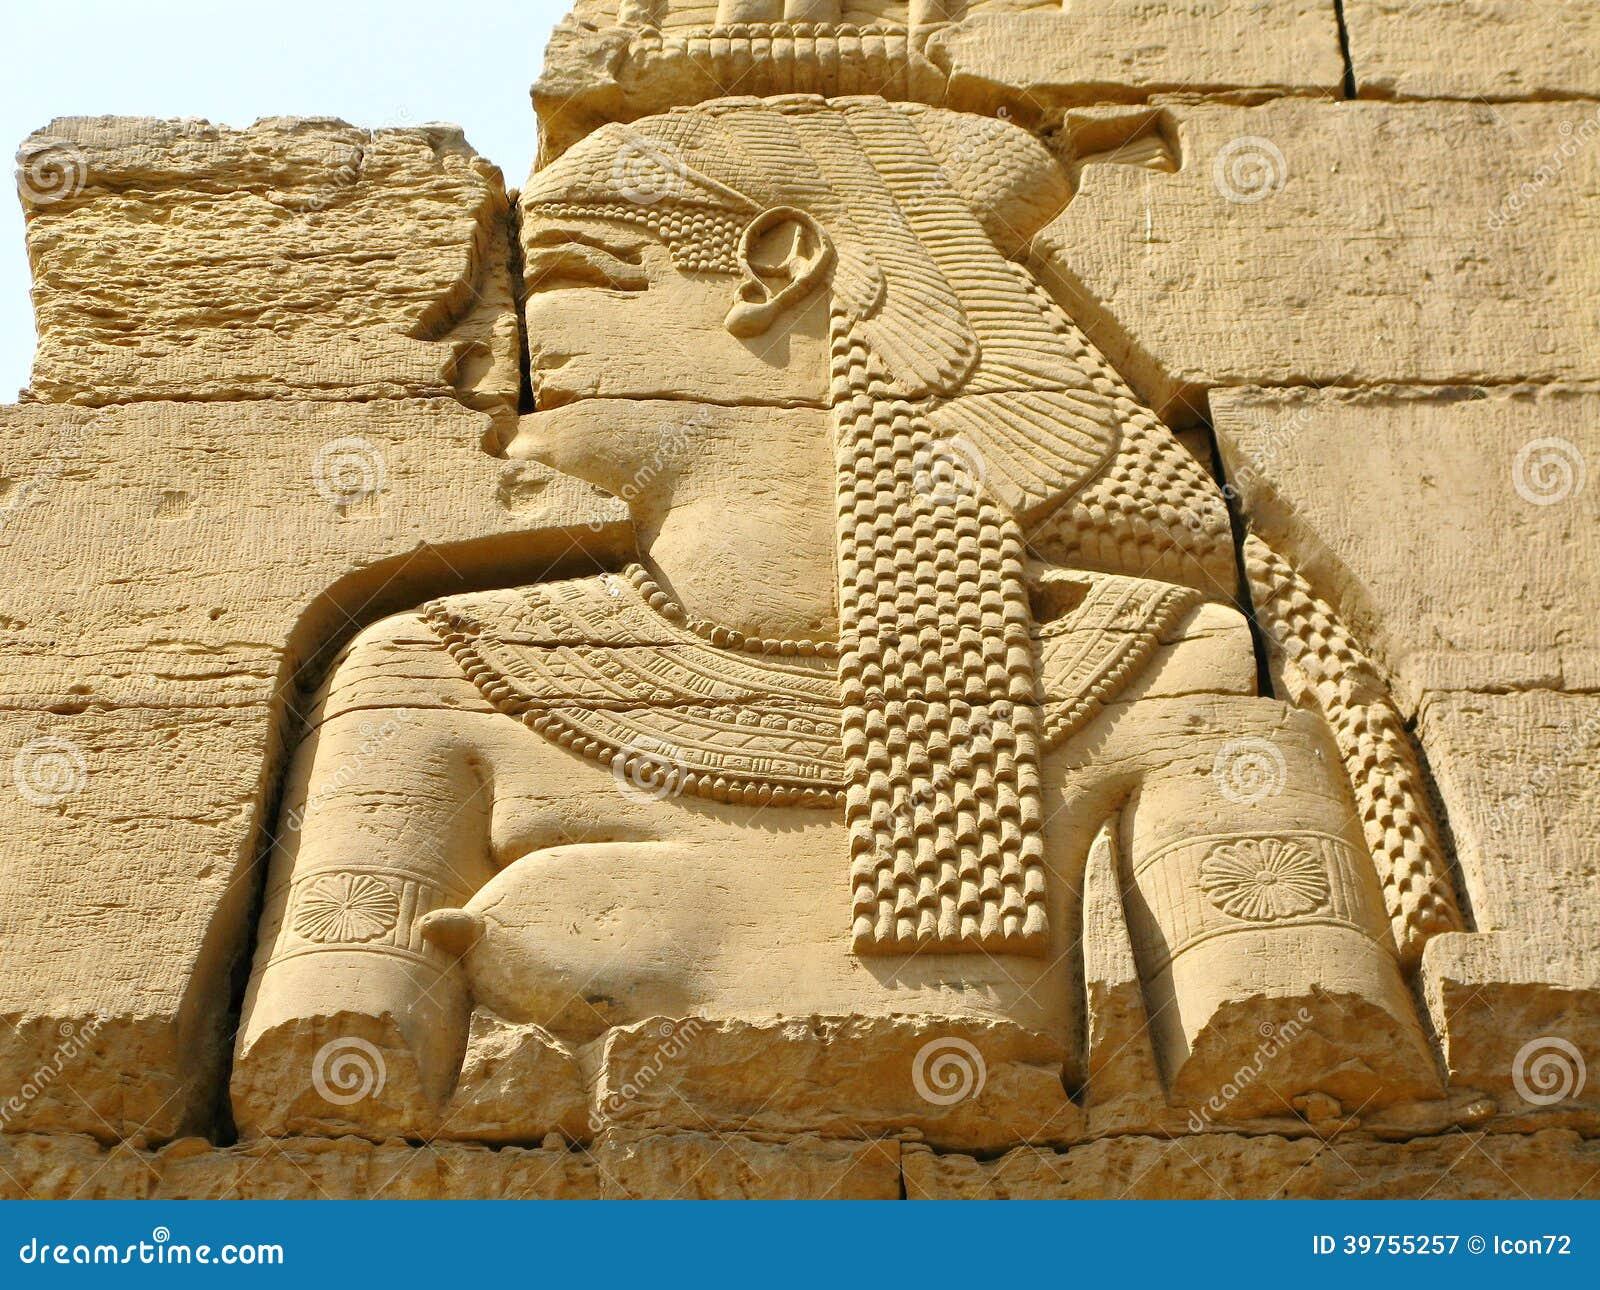 templo de kom ombo egito deusa hathor imagem de stock imagem de